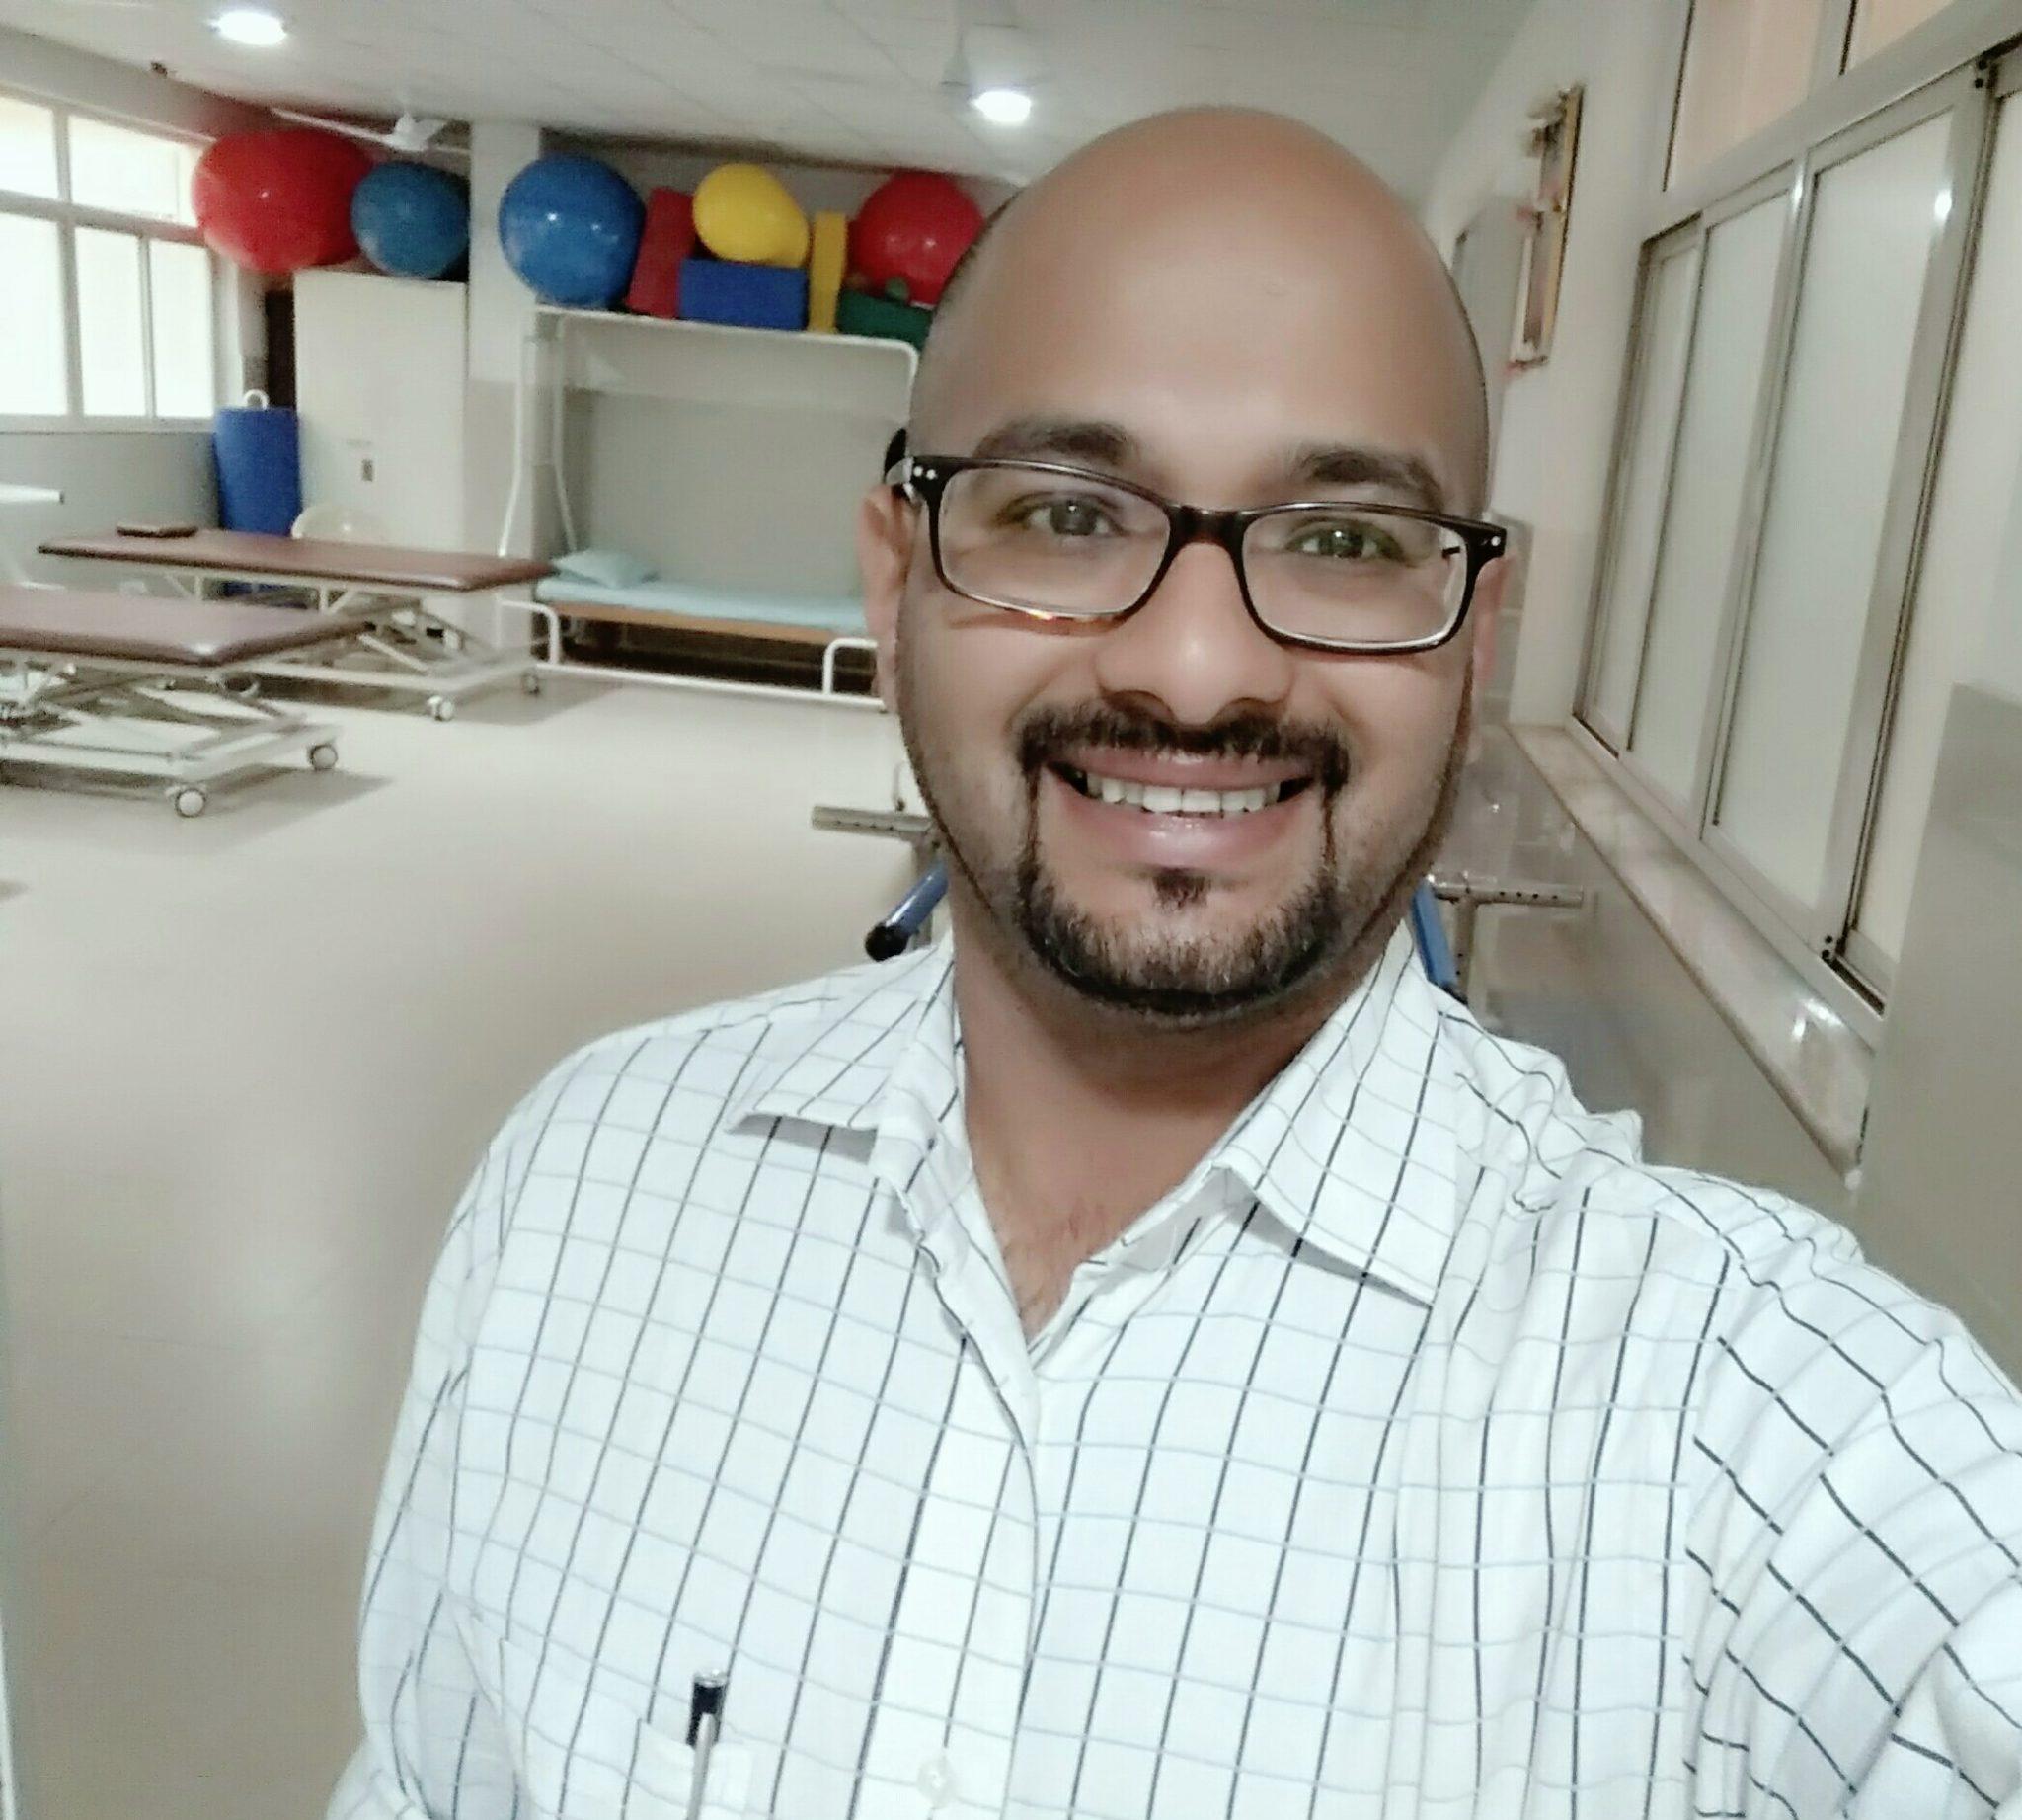 Sudhir Bhatbolan